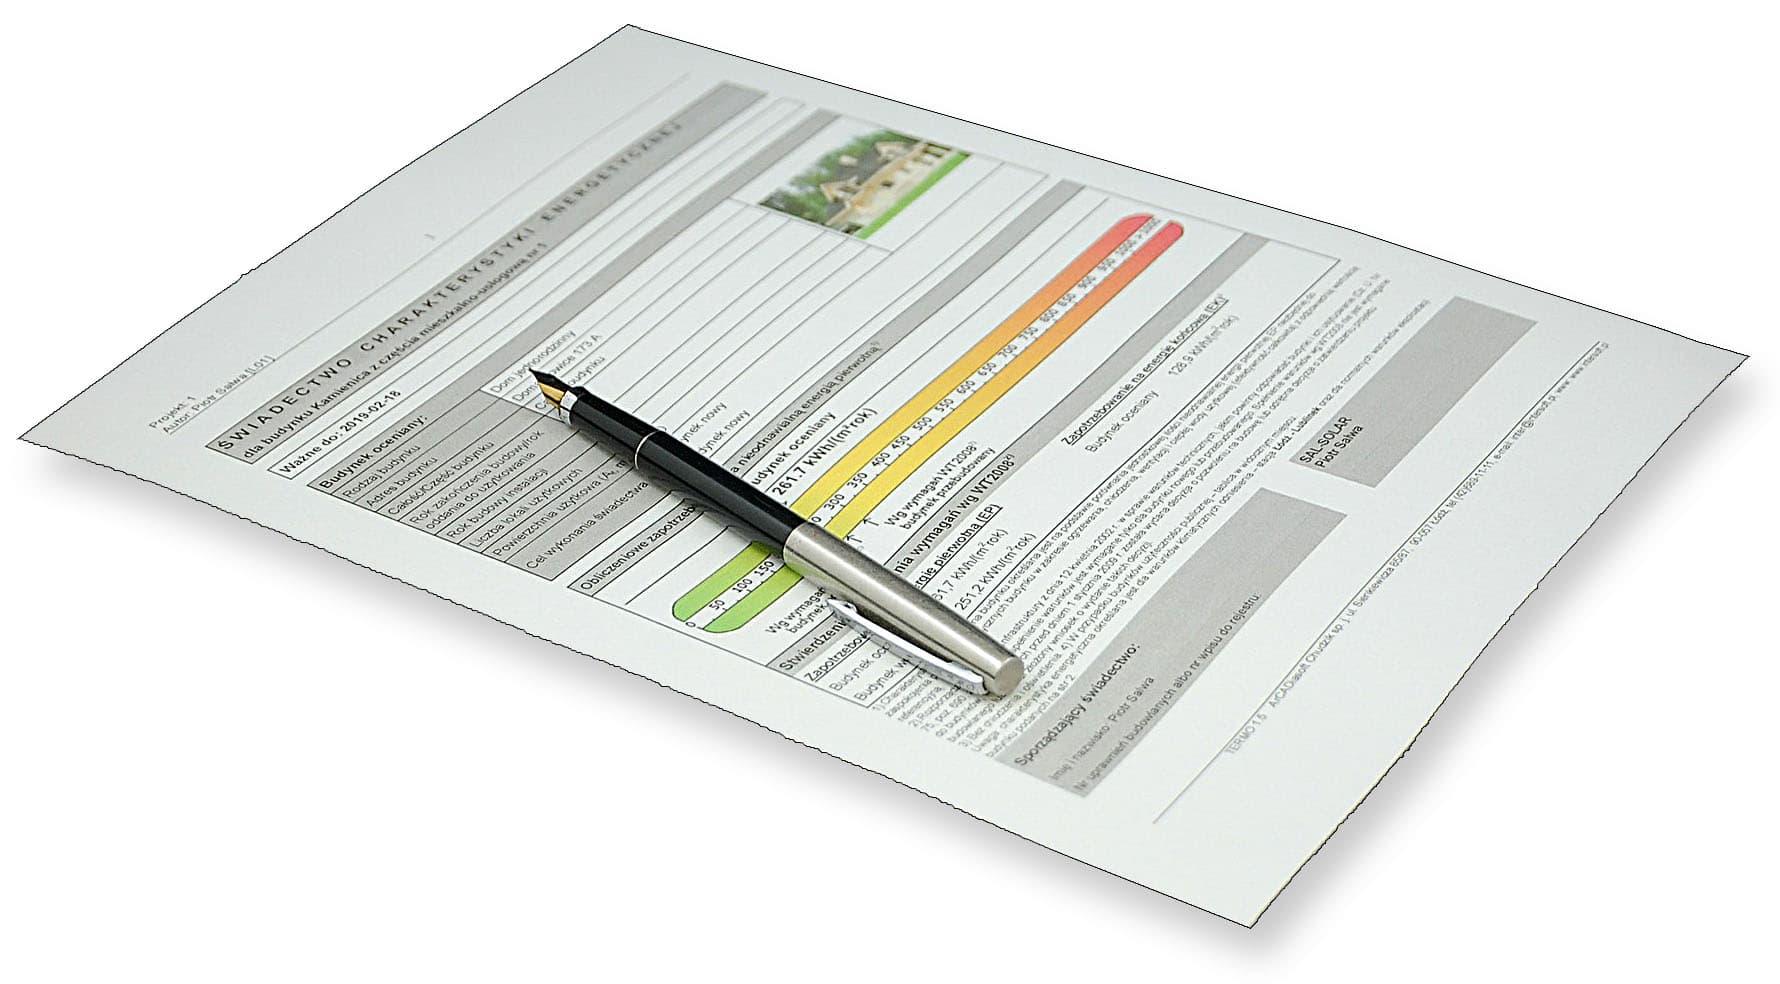 Energieausweis: Neue Anforderungen und Regeln für die Erstellung und Verwendung